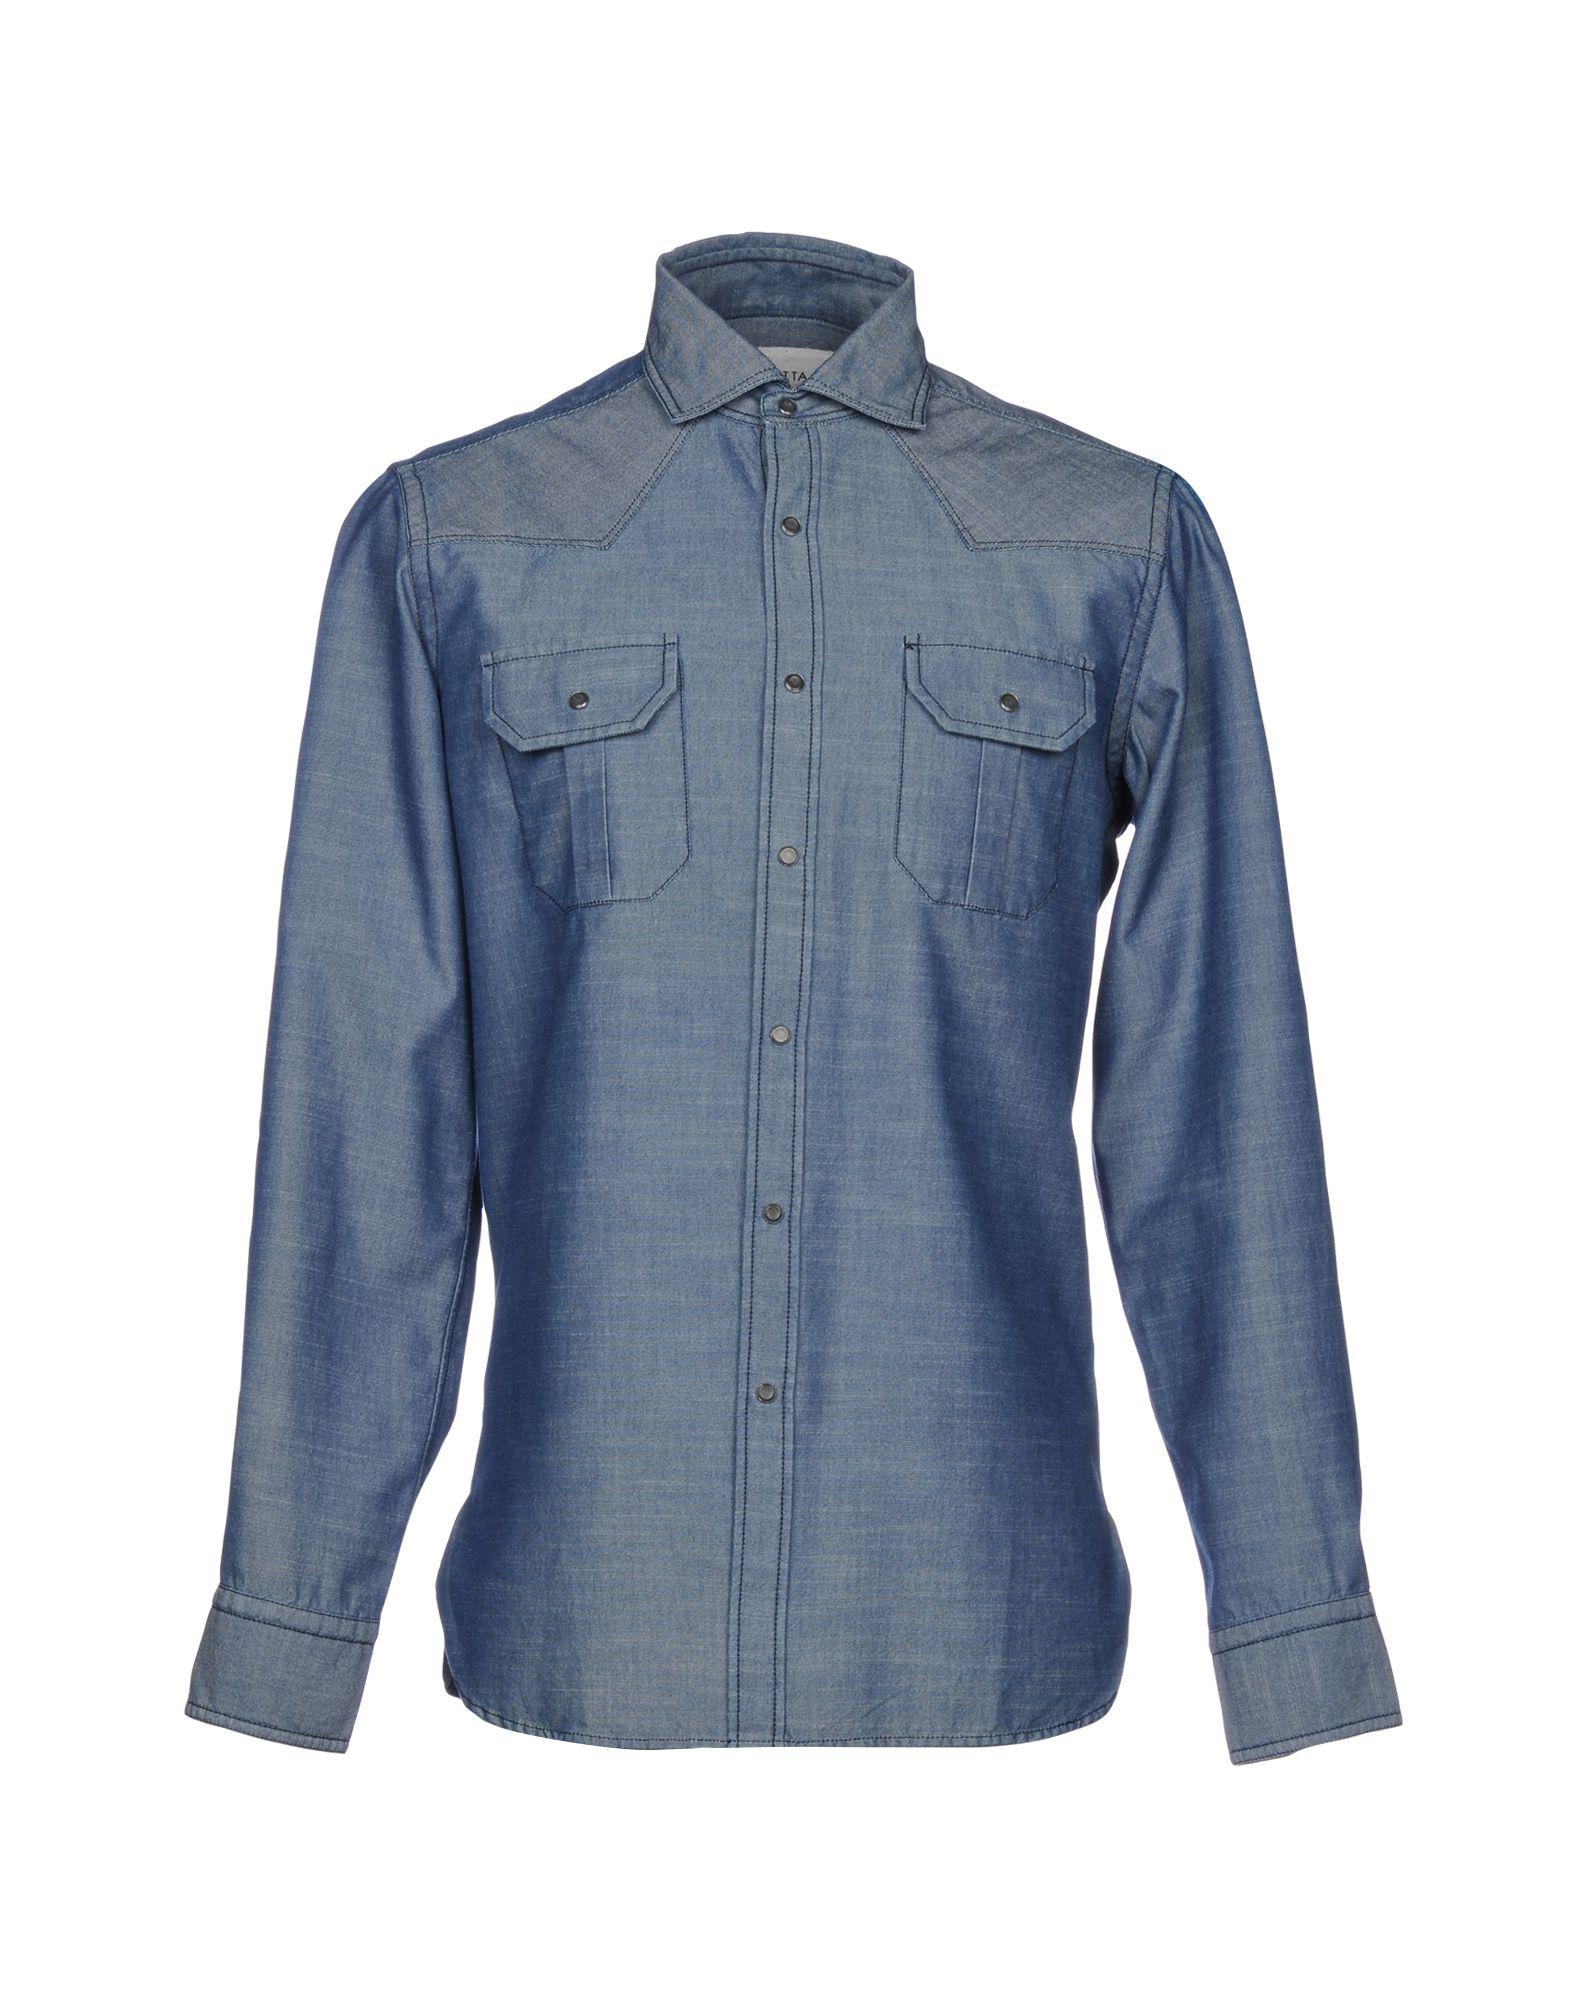 《送料無料》BAGUTTA メンズ シャツ ブルー S コットン 100%